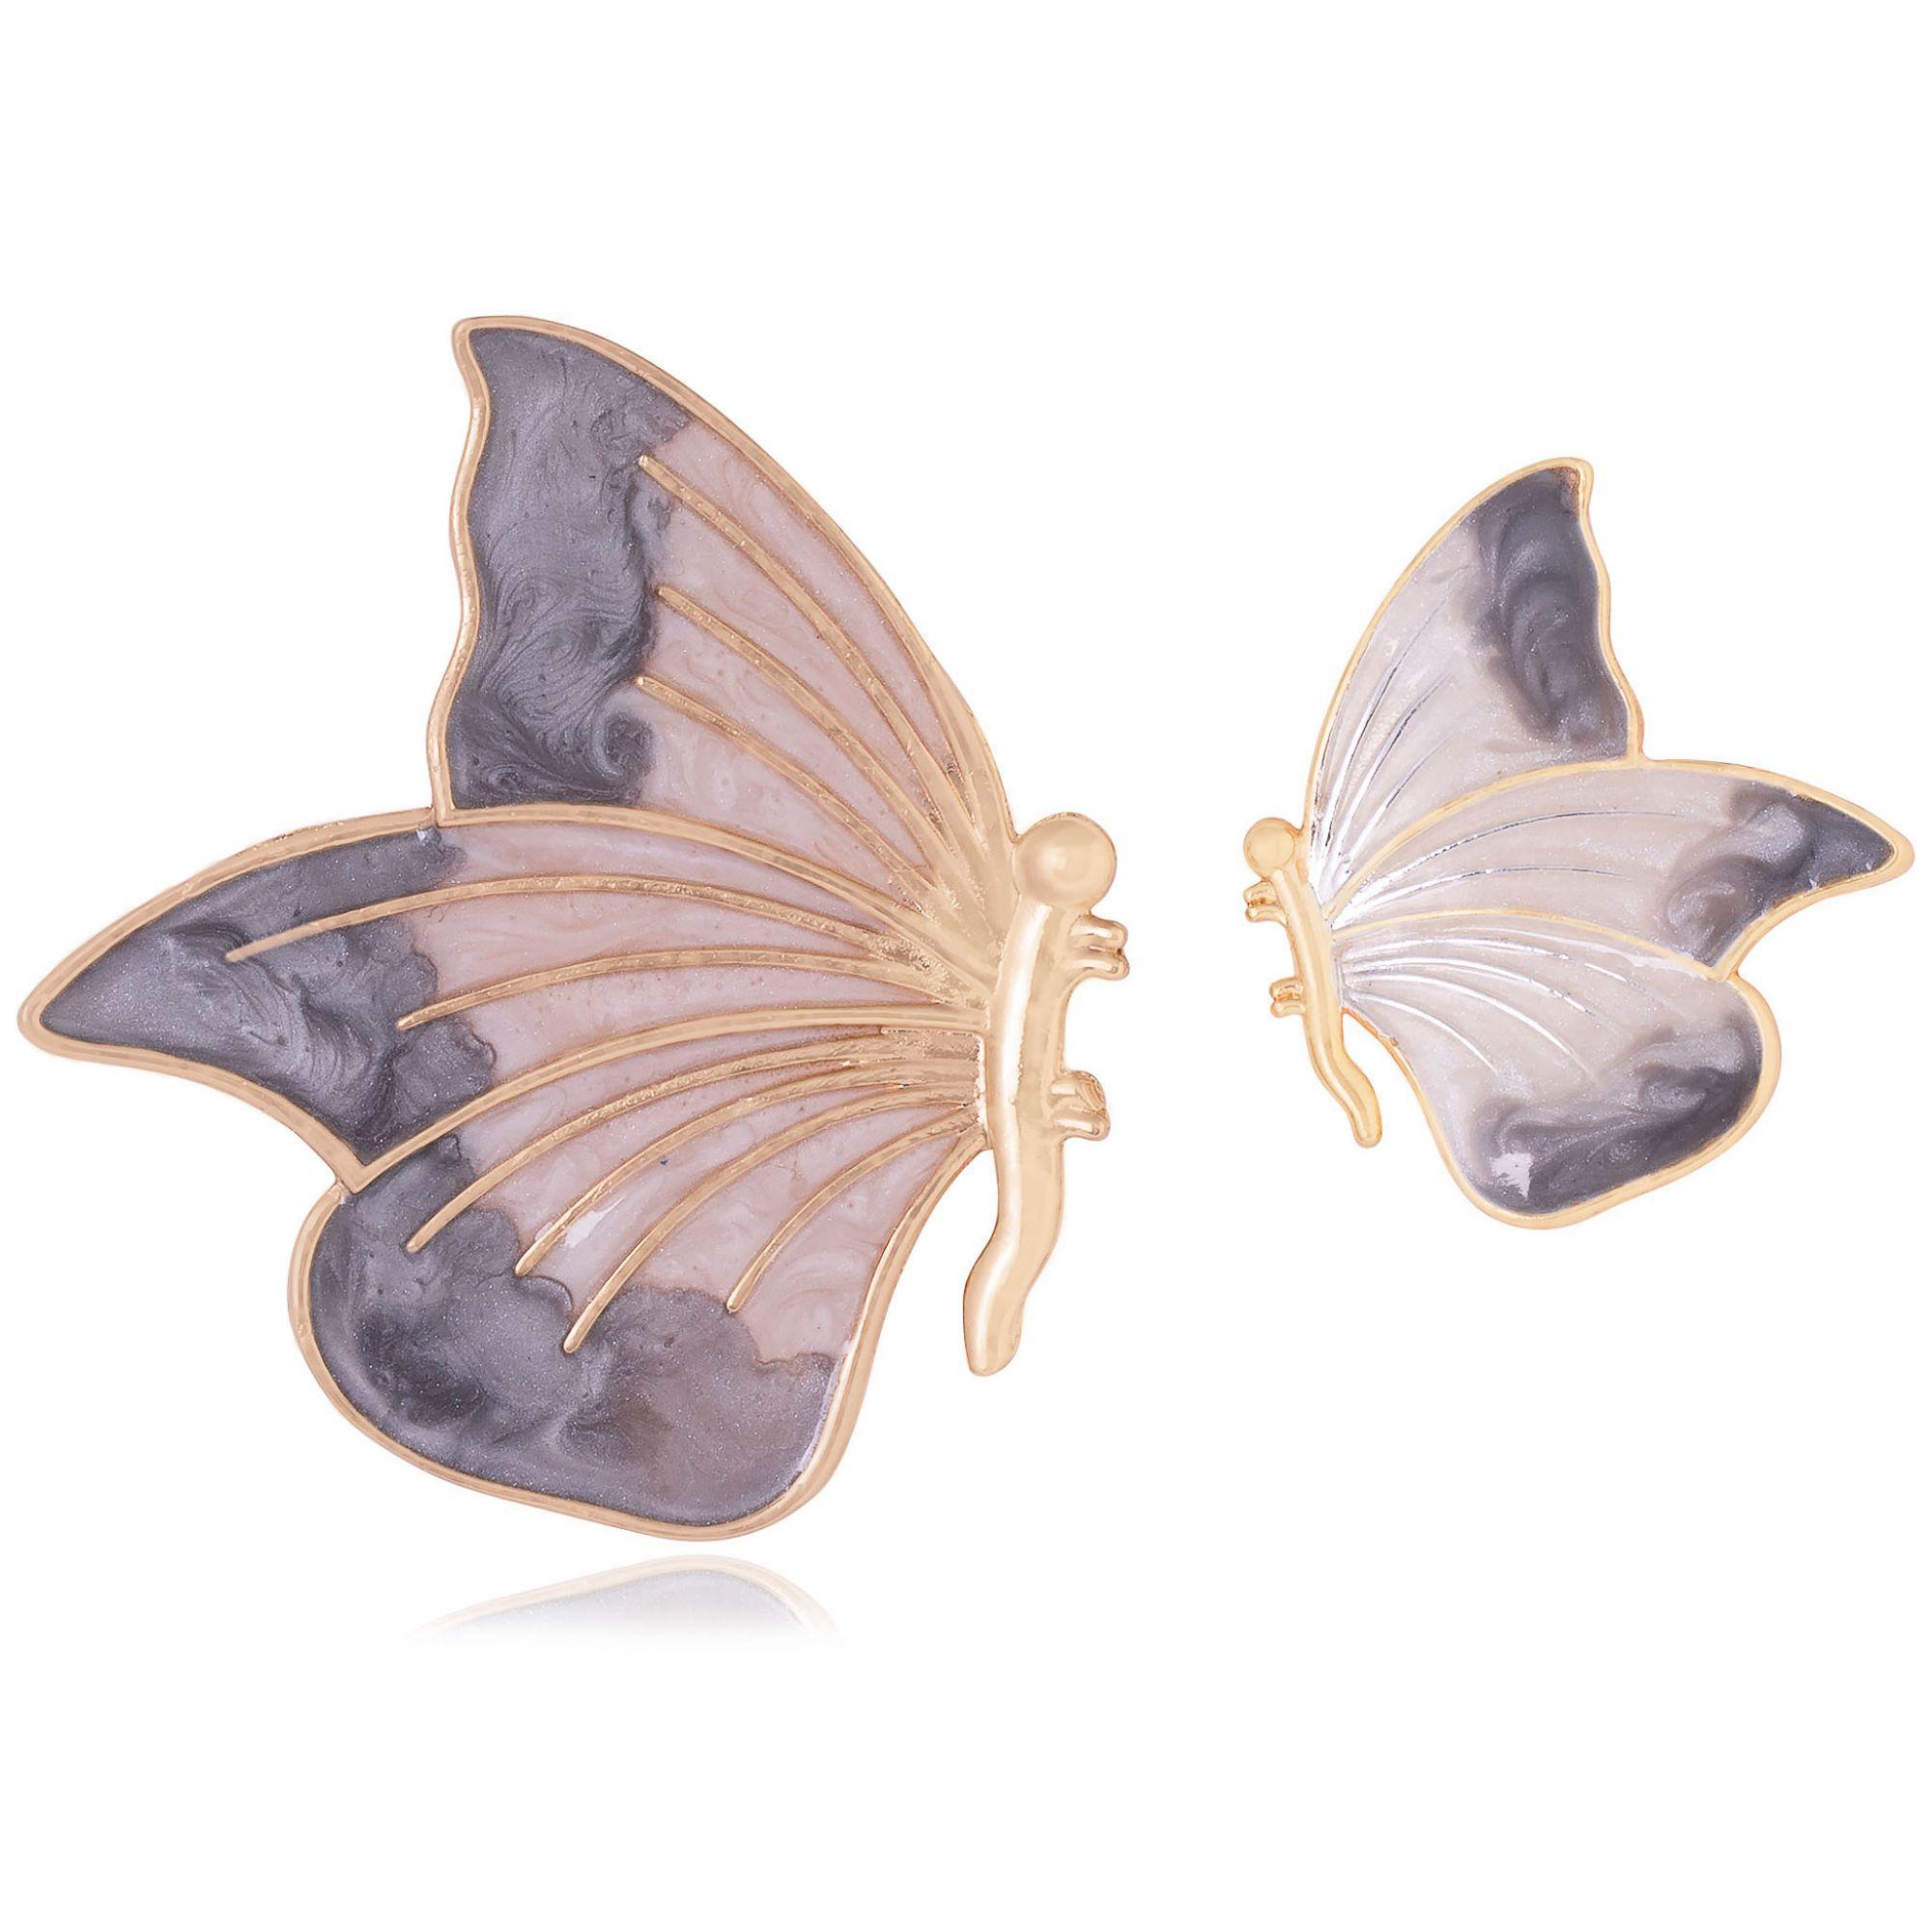 Brinco borboleta banhado a ouro 18k resinado em tons de cinza.  - romabrazil.com.br